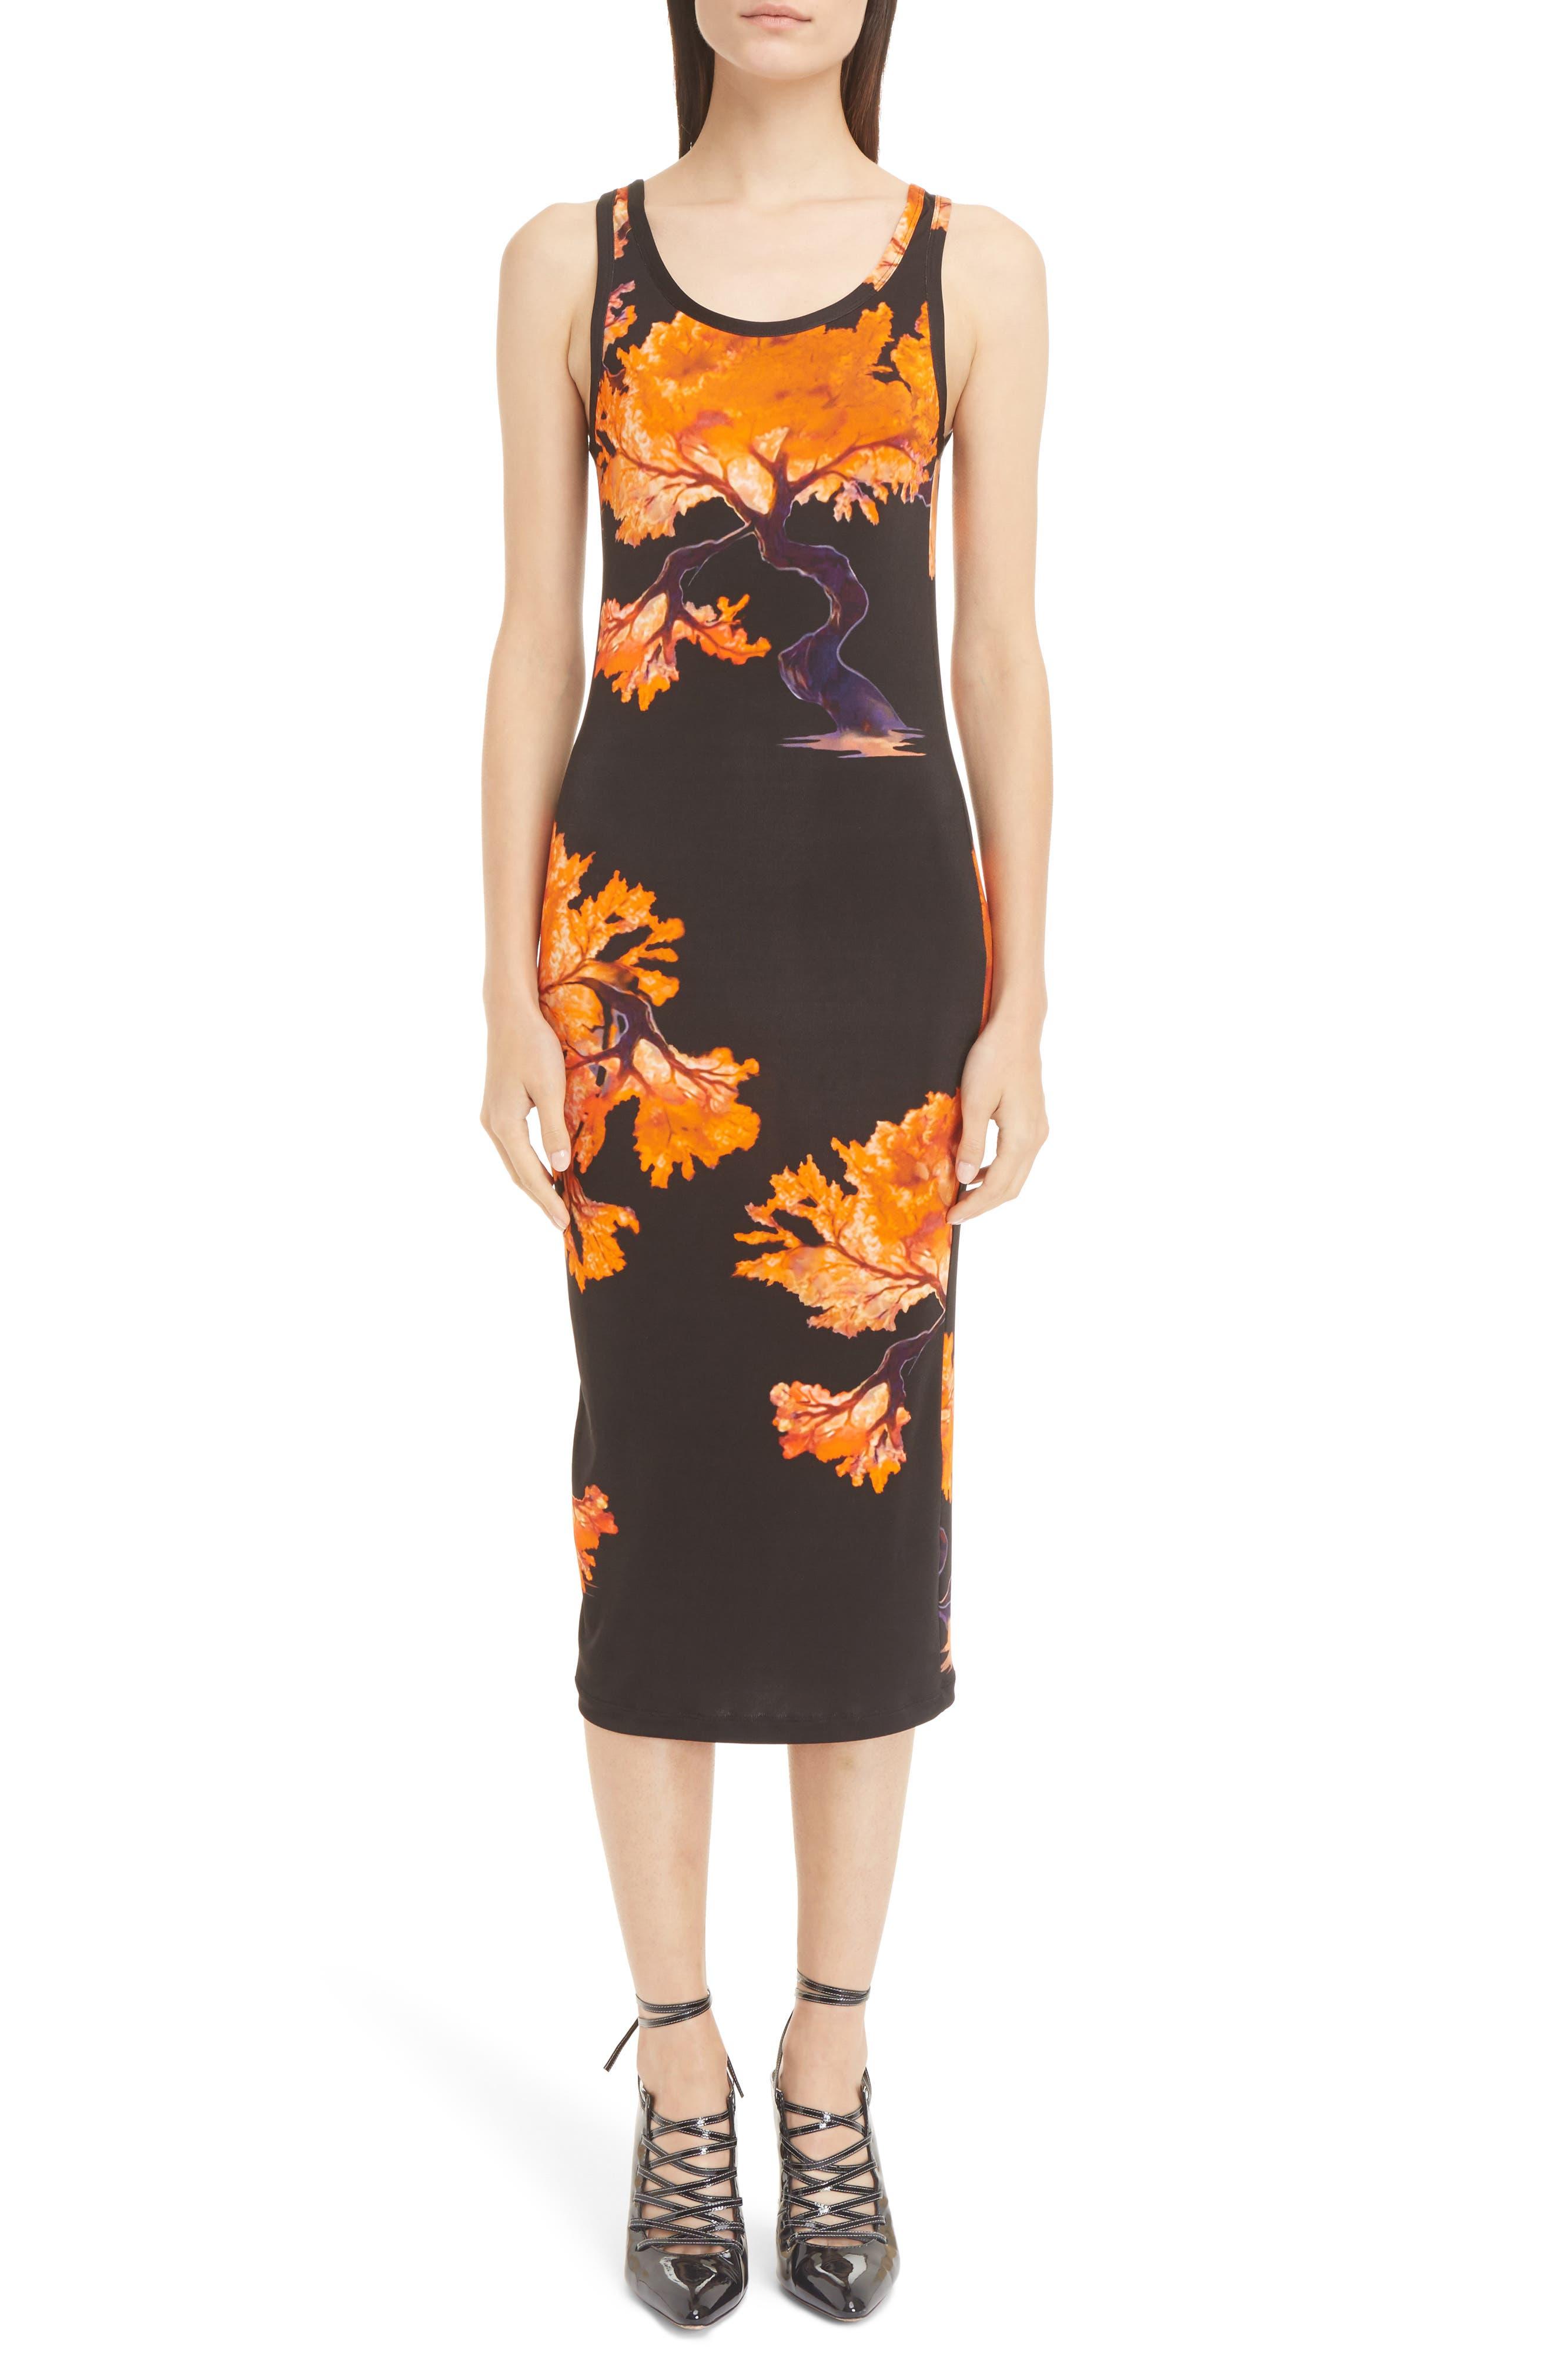 GIVENCHY Print Jersey Dress